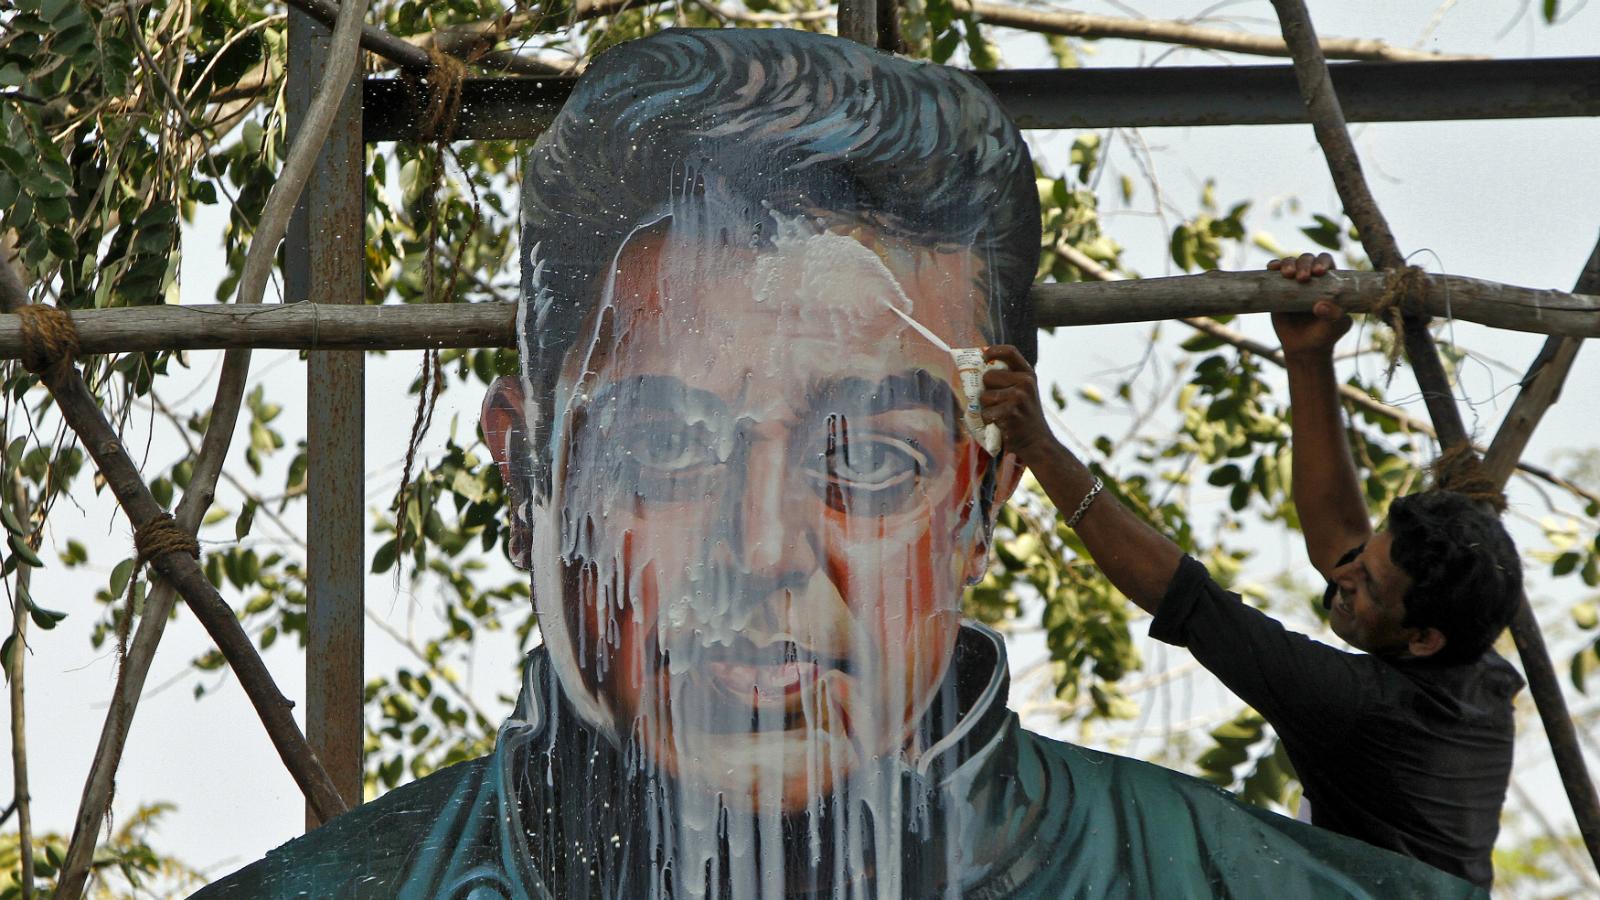 Kamal Haasan's cardboard cutout in Chennai.